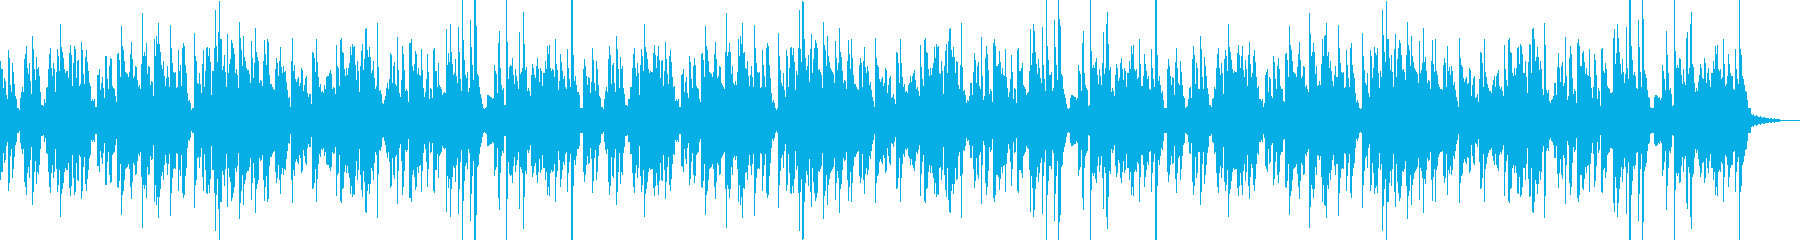 お猿のかごや遅めVibとKB=BPM96の再生済みの波形